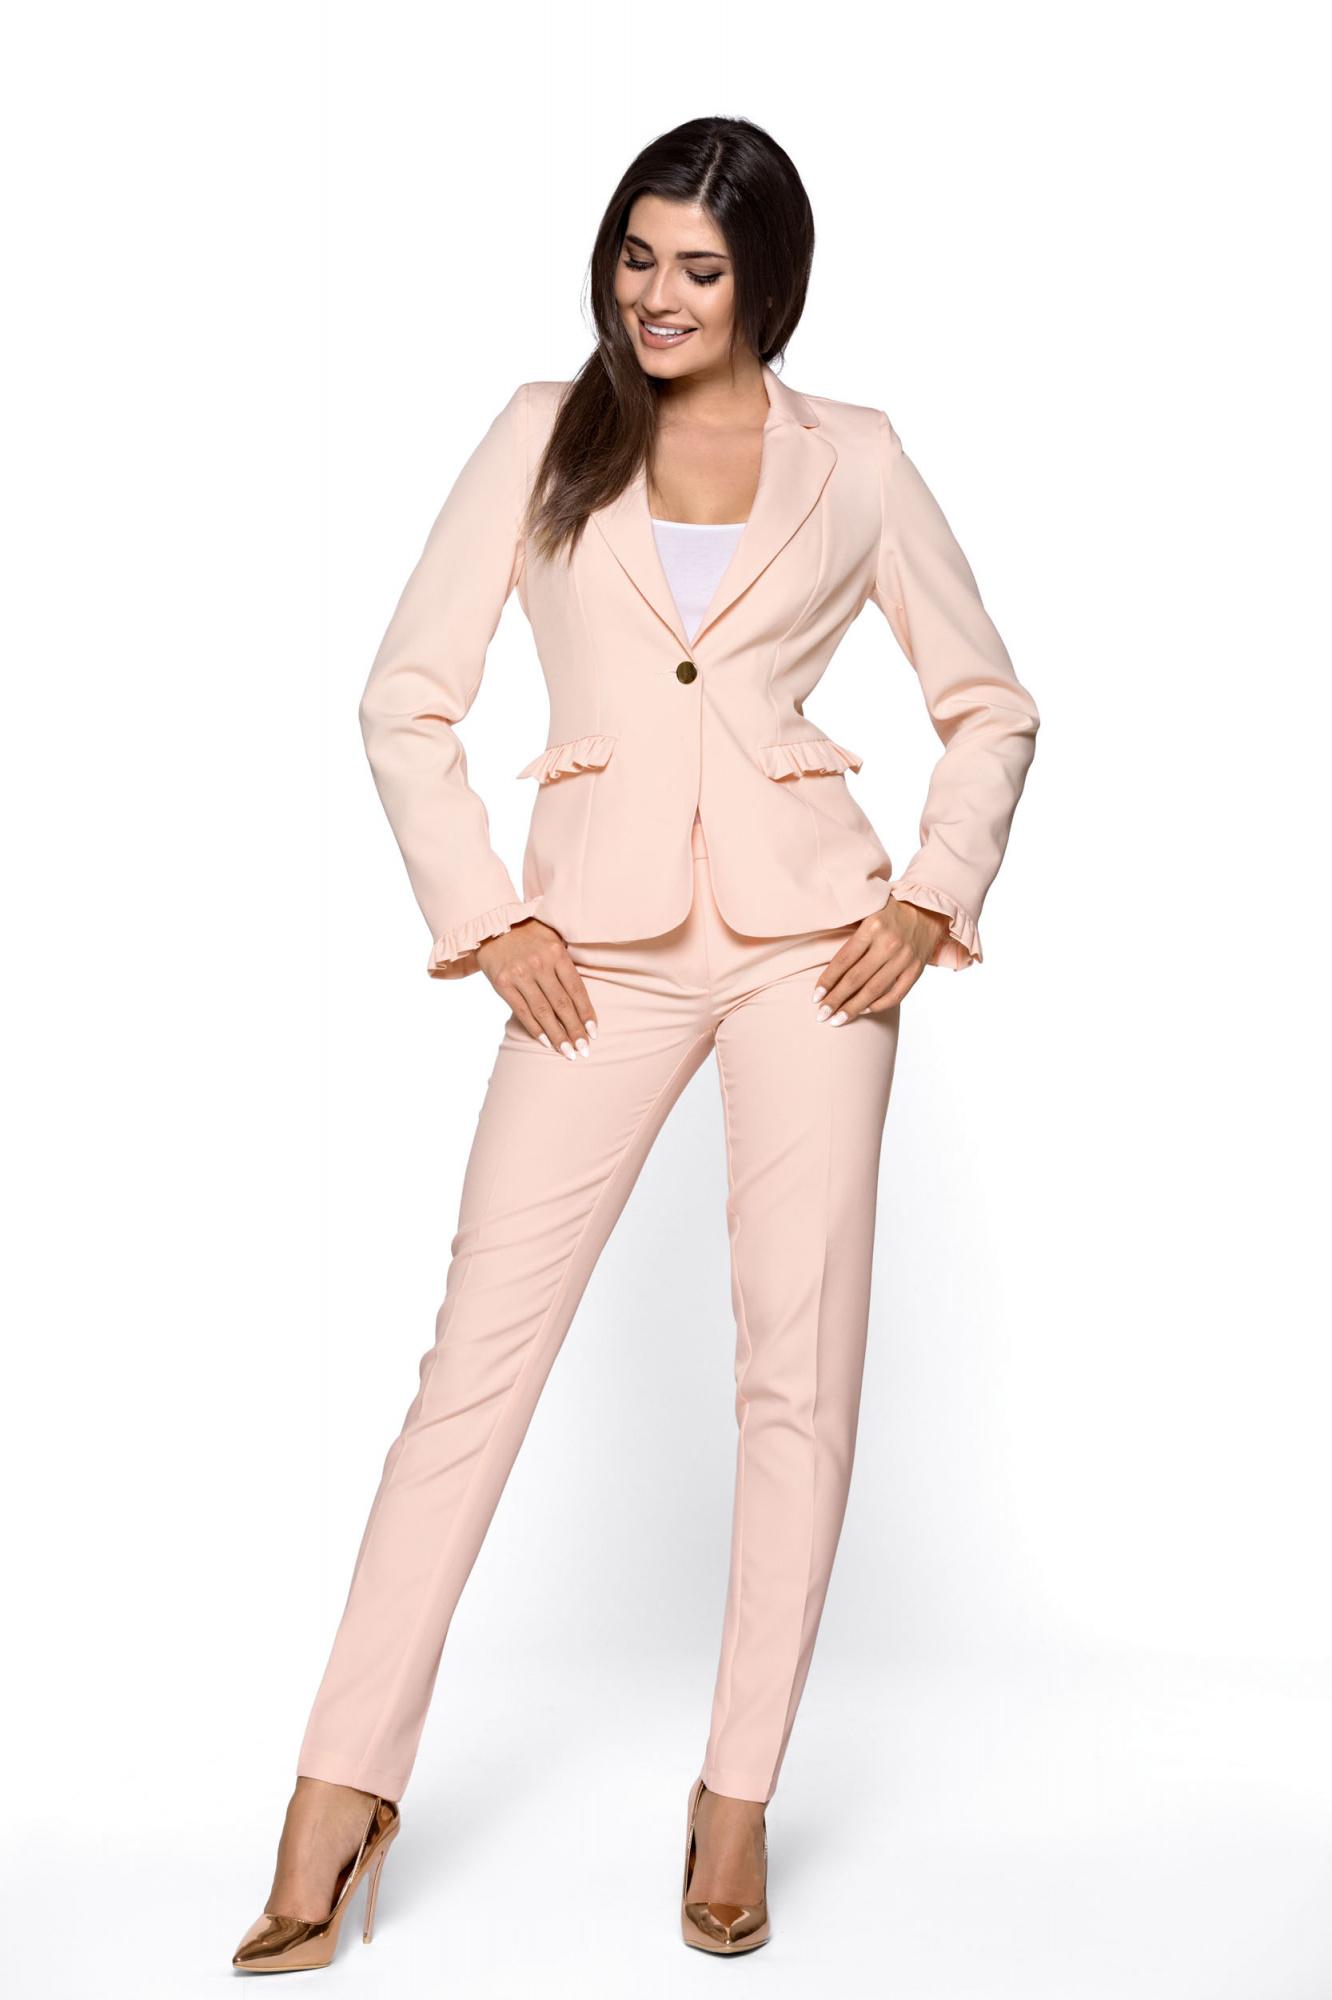 50dbfa4e17157 Elegancki garnitur damski z falbankami KM265-3 - ❤ Kartes-Moda ❤